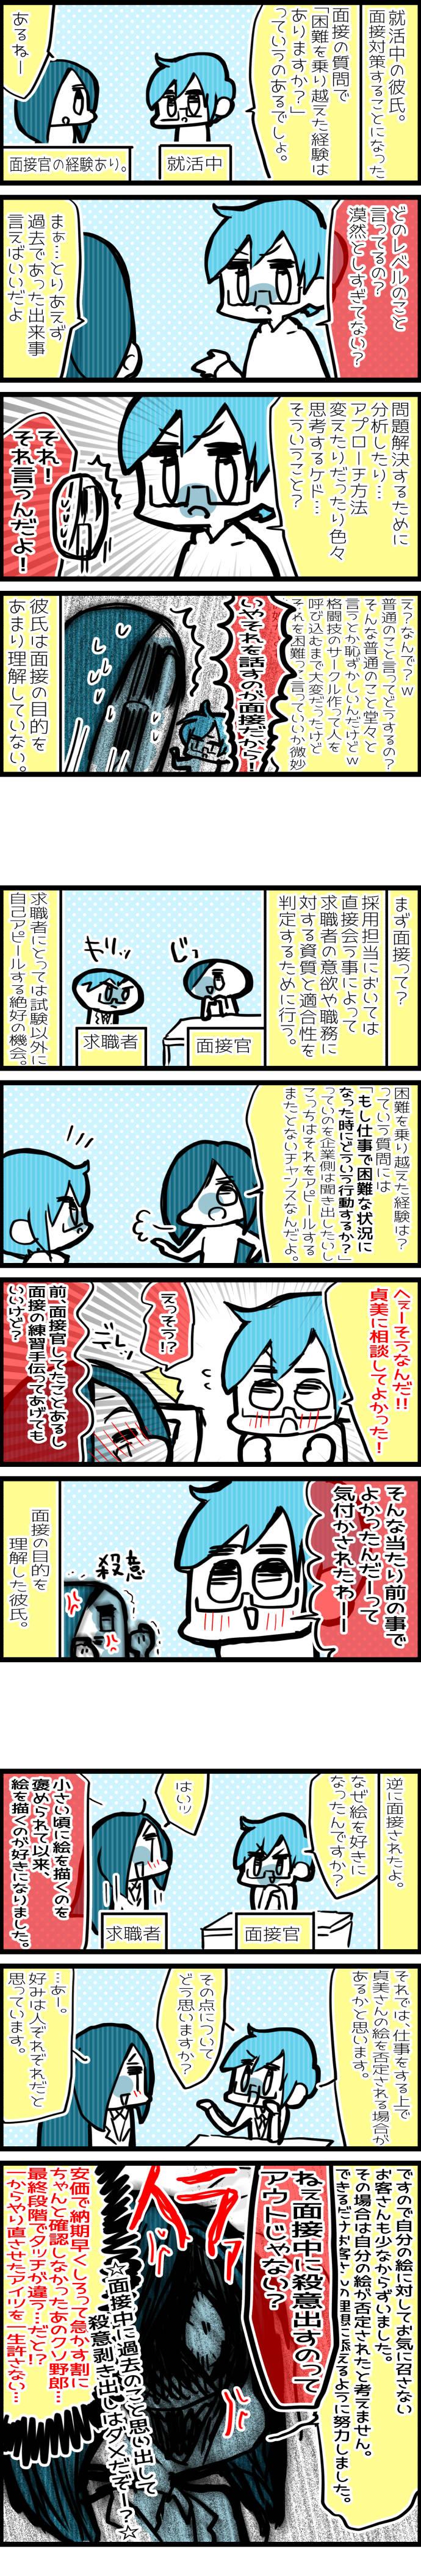 neetsadami.com_25話